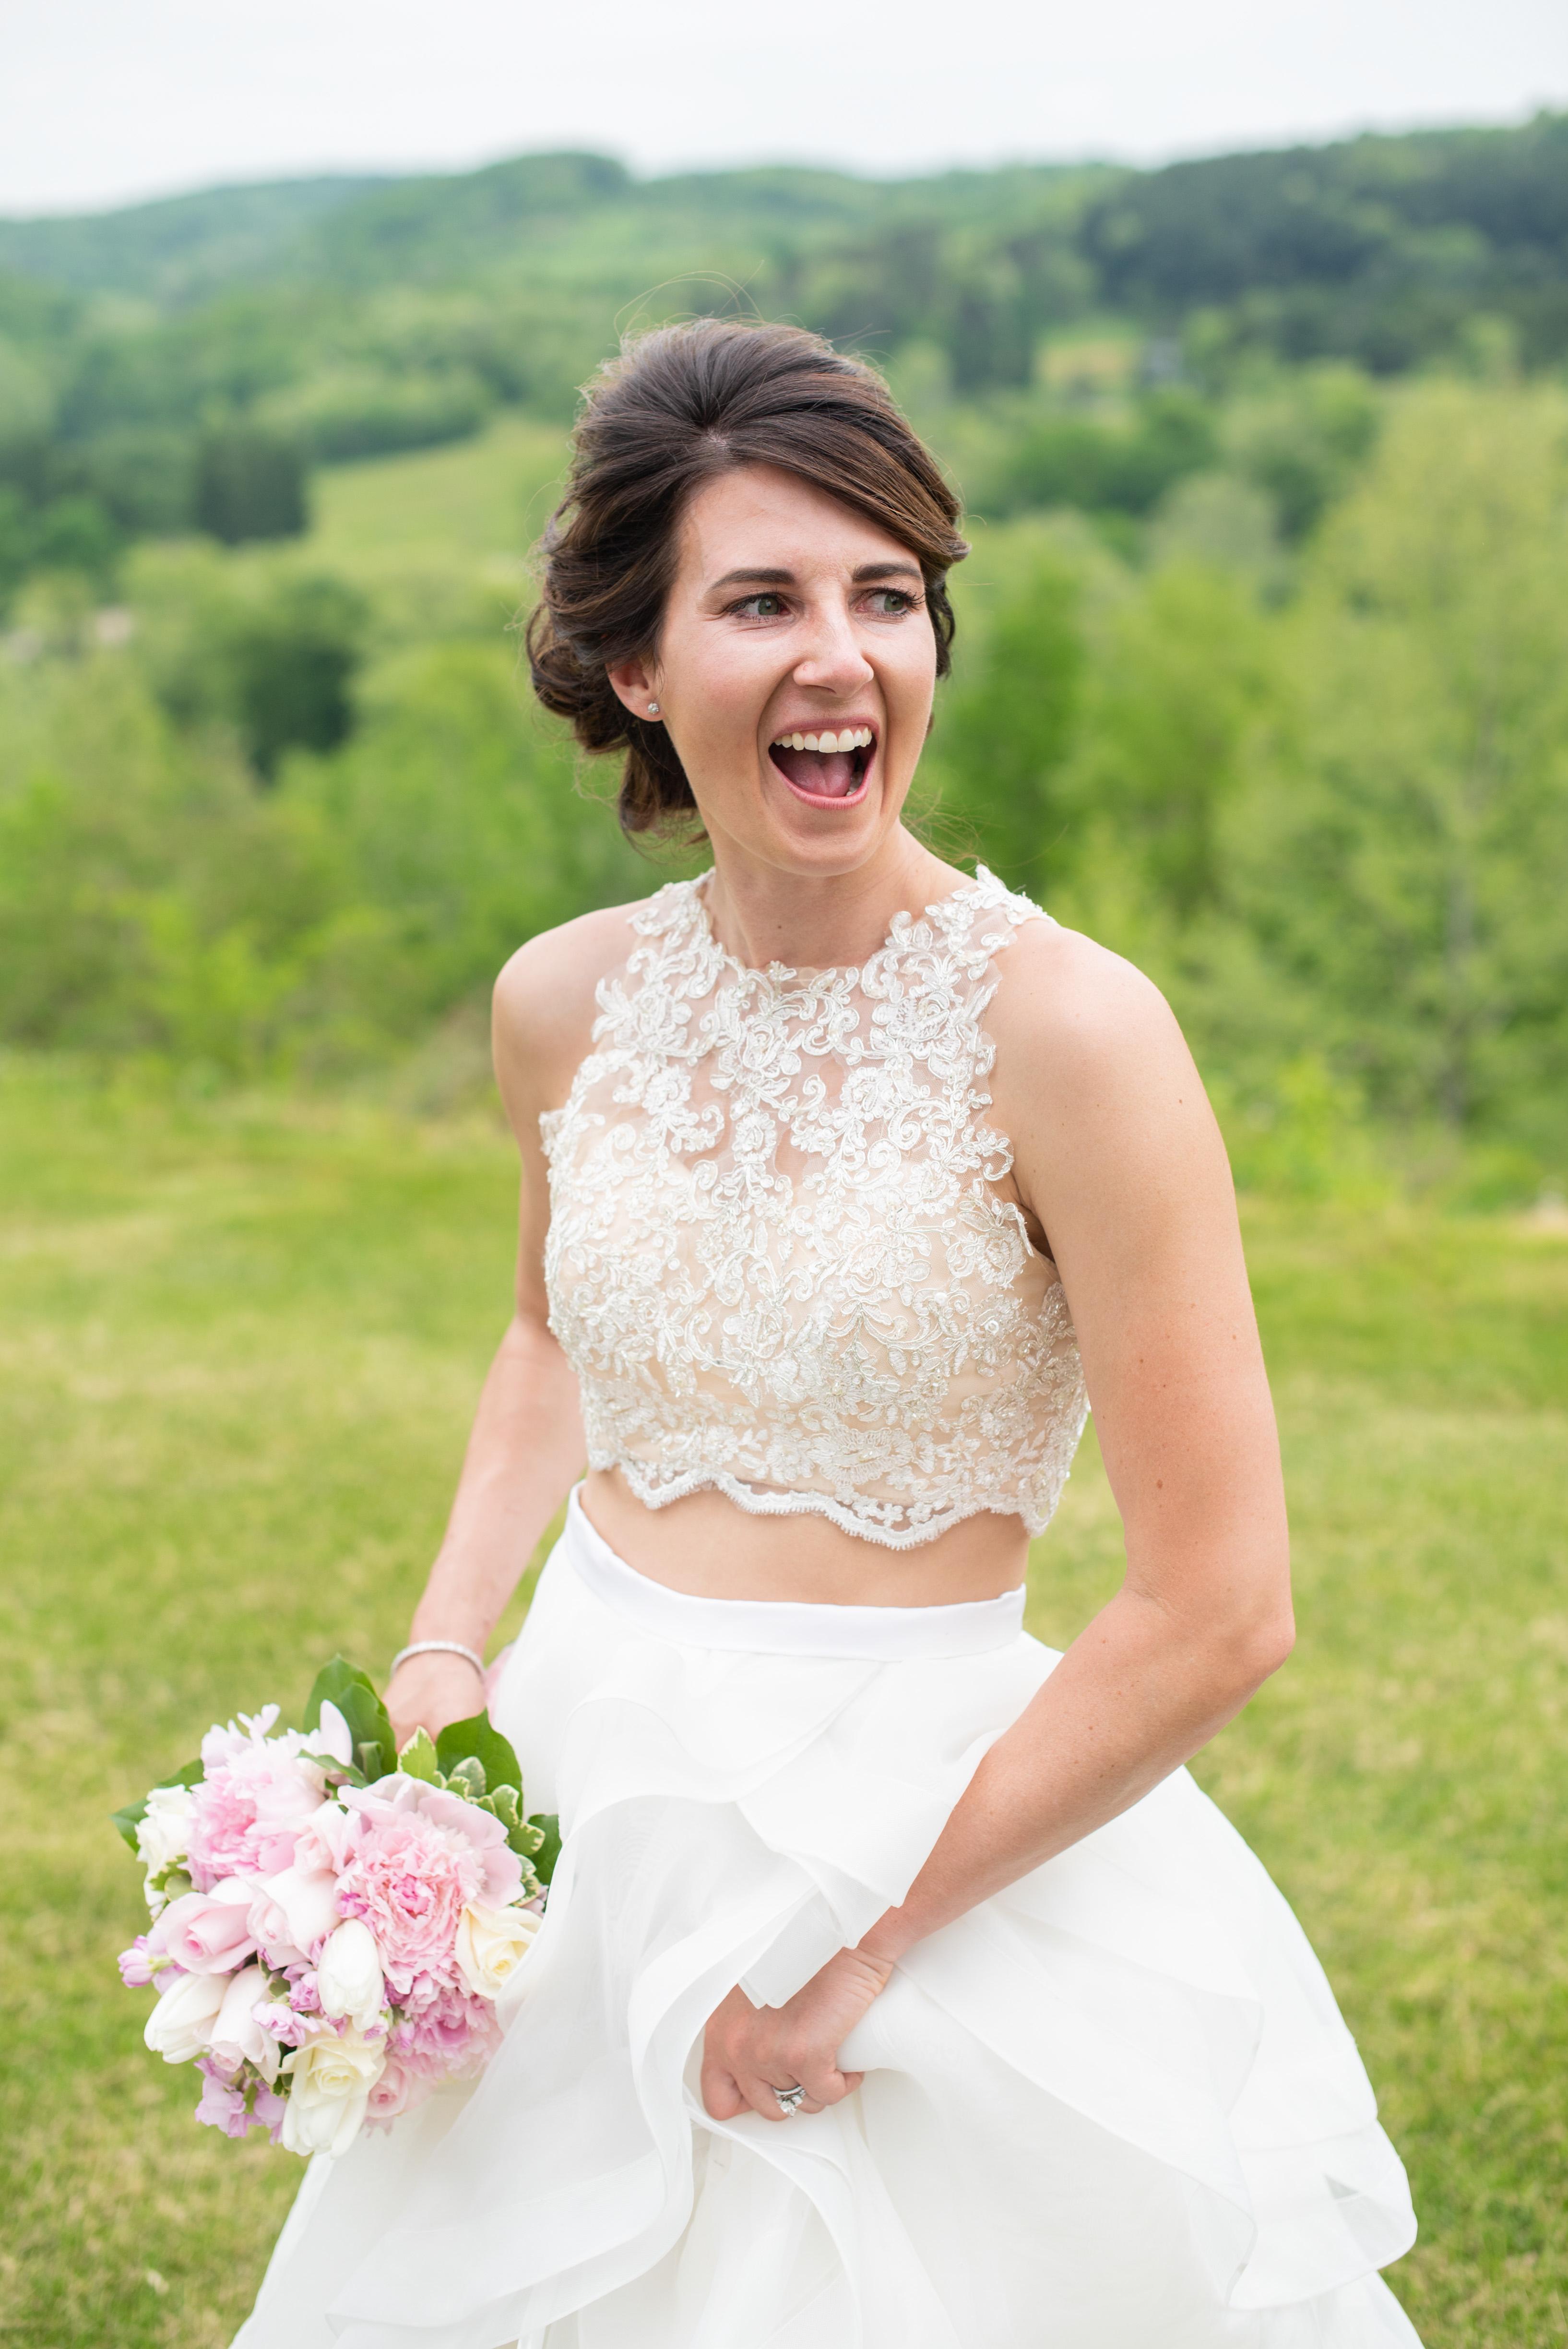 Milwaukee Wedding Photography-Jadon Good Photography_128